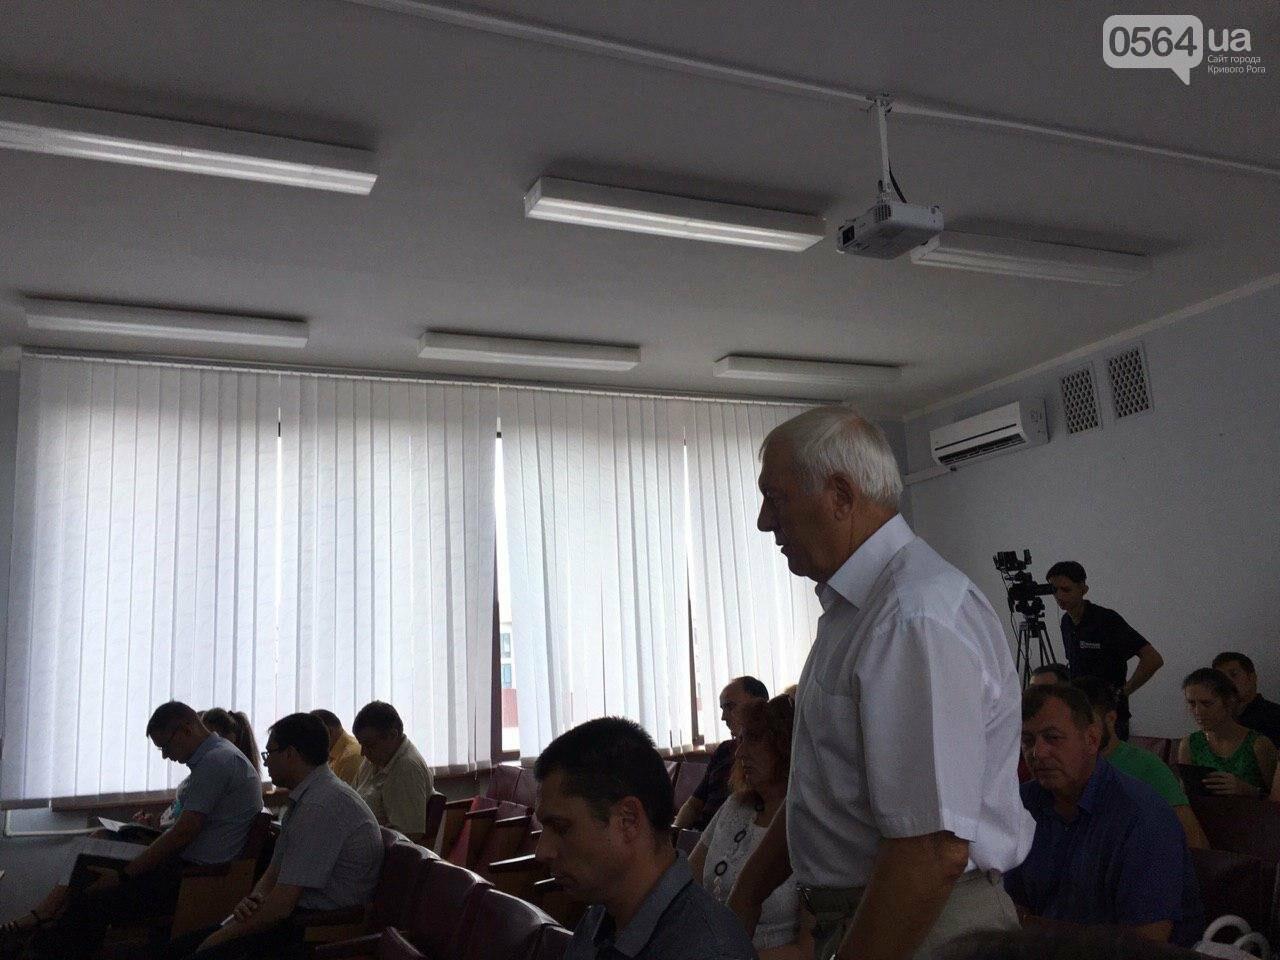 Криворожское КП пытается подготовится к отопительному сезону, несмотря на долг в полмиллиарда, - ФОТО , фото-25